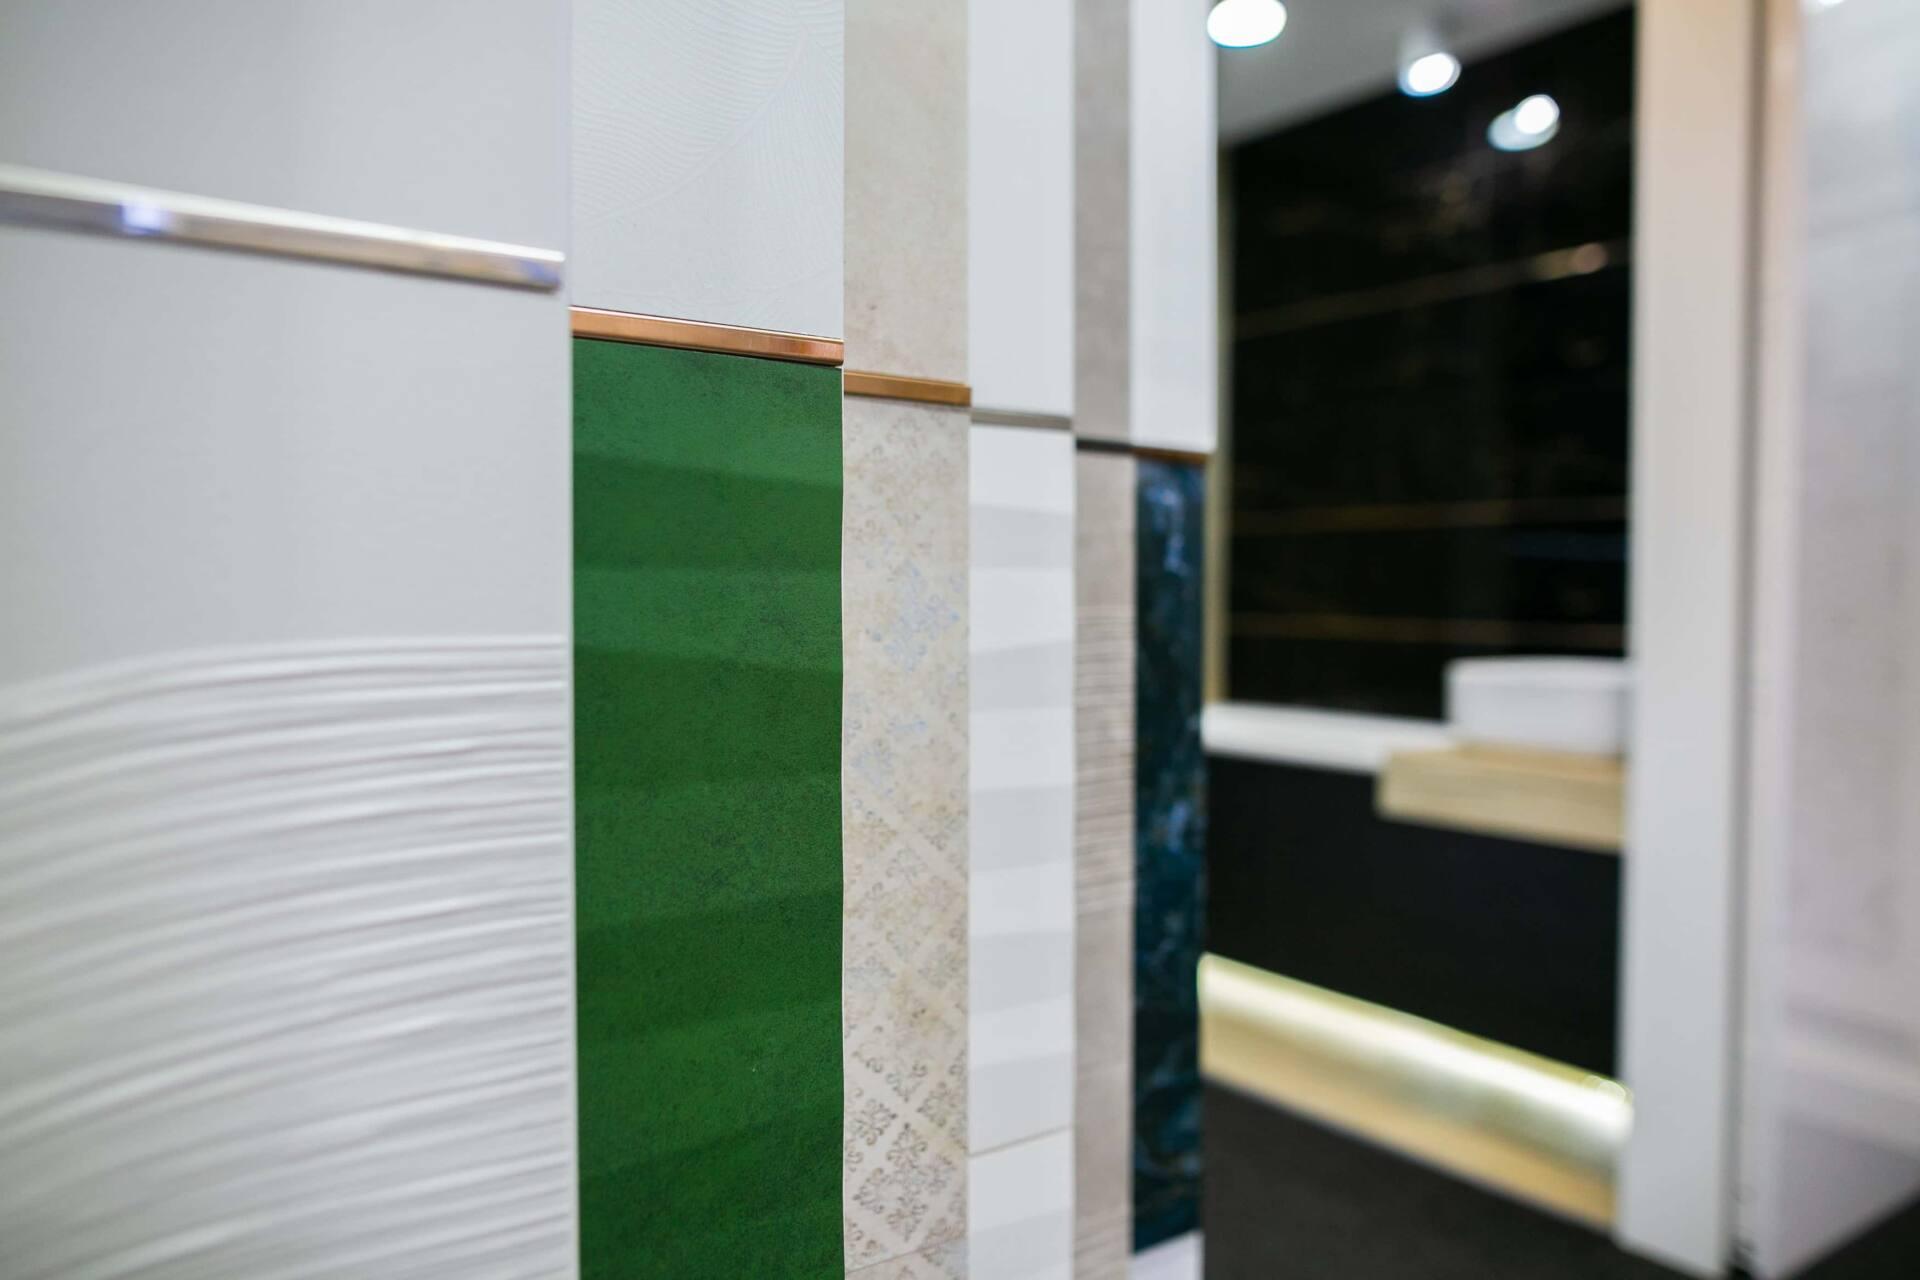 5db 5597 Salon BLU: na ponad 500 m2., 36 łazienkowych aranżacji i bogata ekspozycja wyposażenia (zdjęcia)